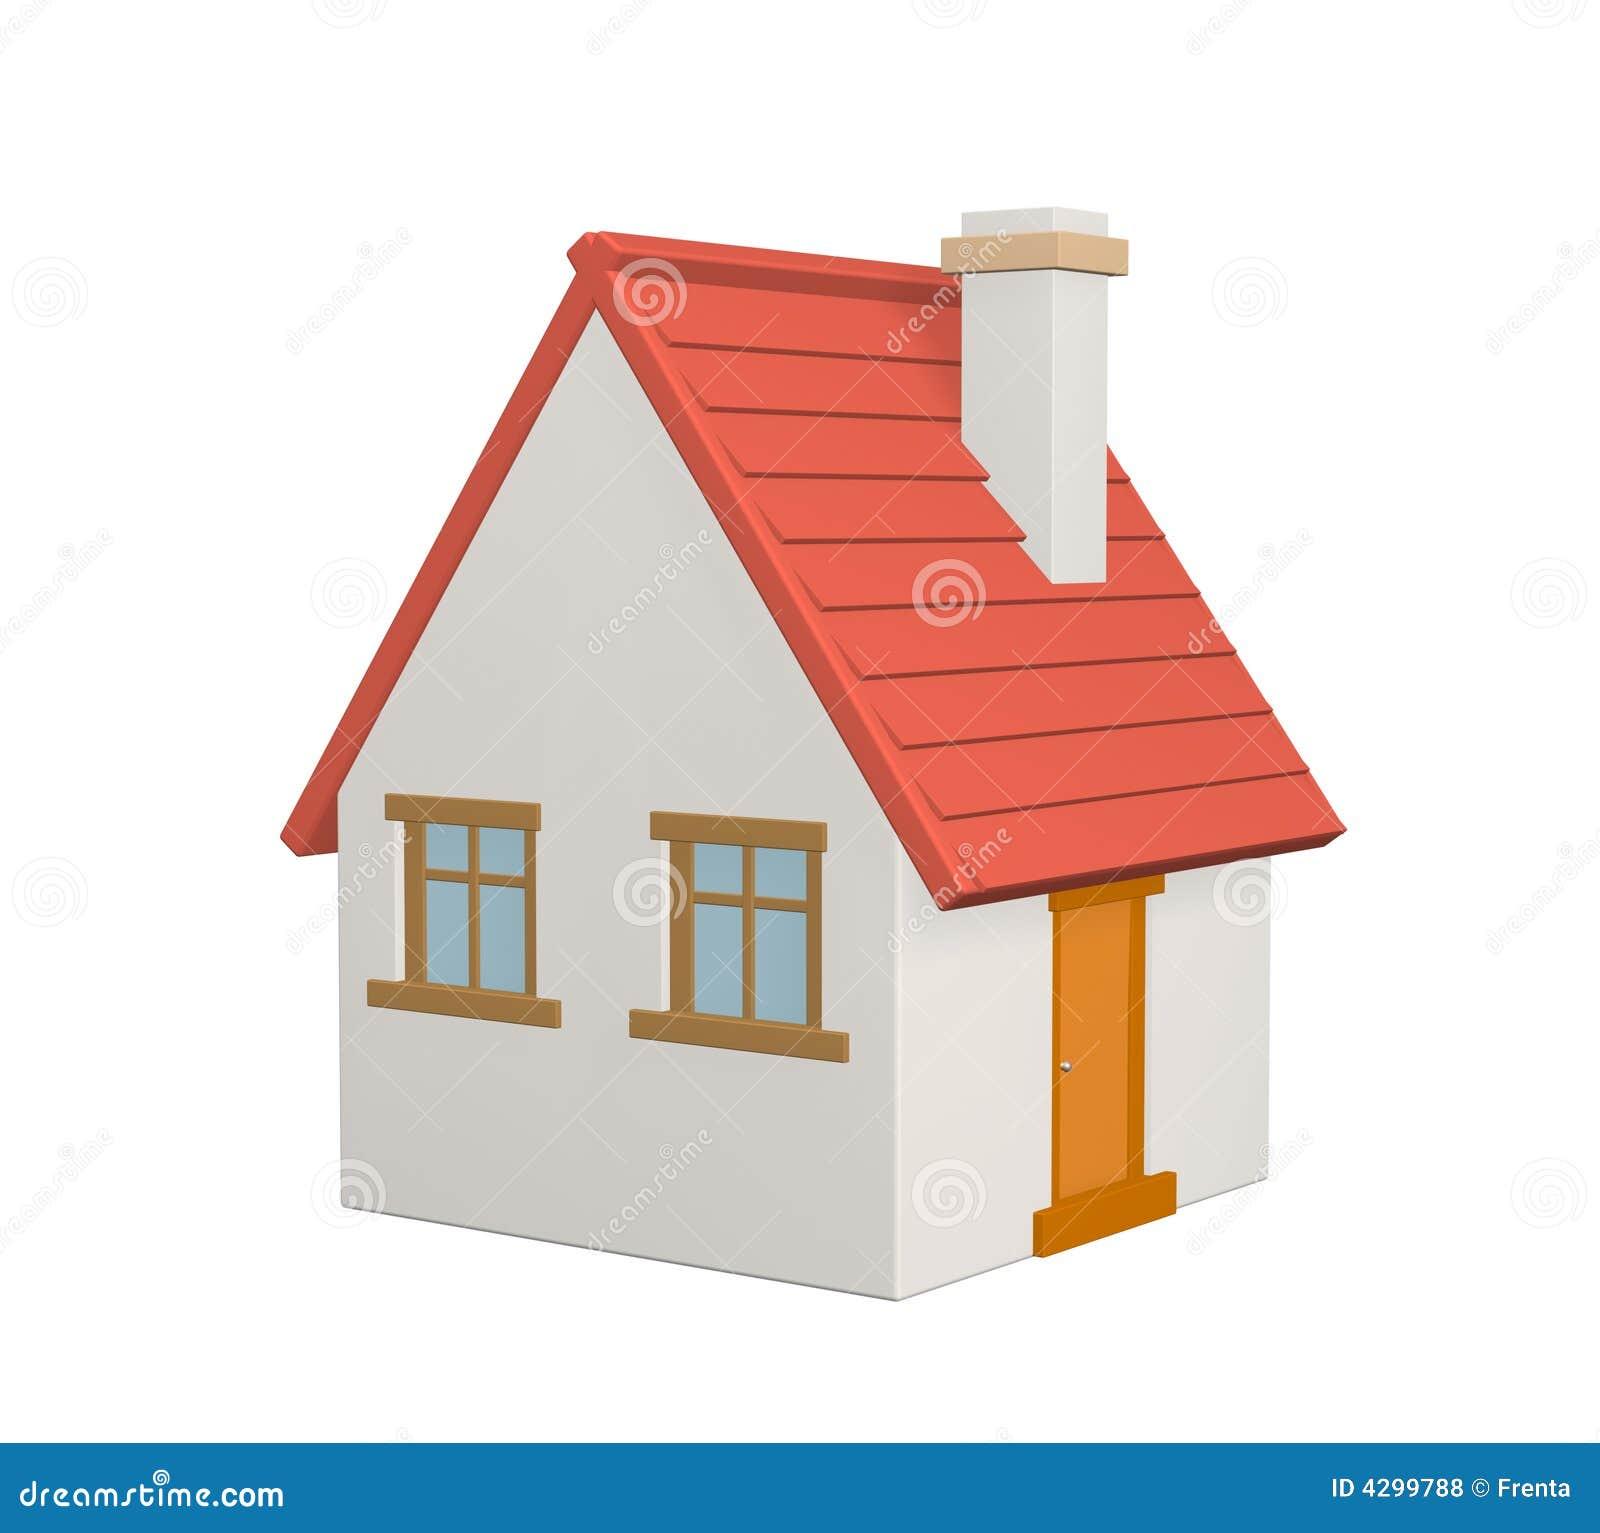 das landwirtschaftliche haus 3d mit einem roten dach lizenzfreie stockfotos bild 4299788. Black Bedroom Furniture Sets. Home Design Ideas